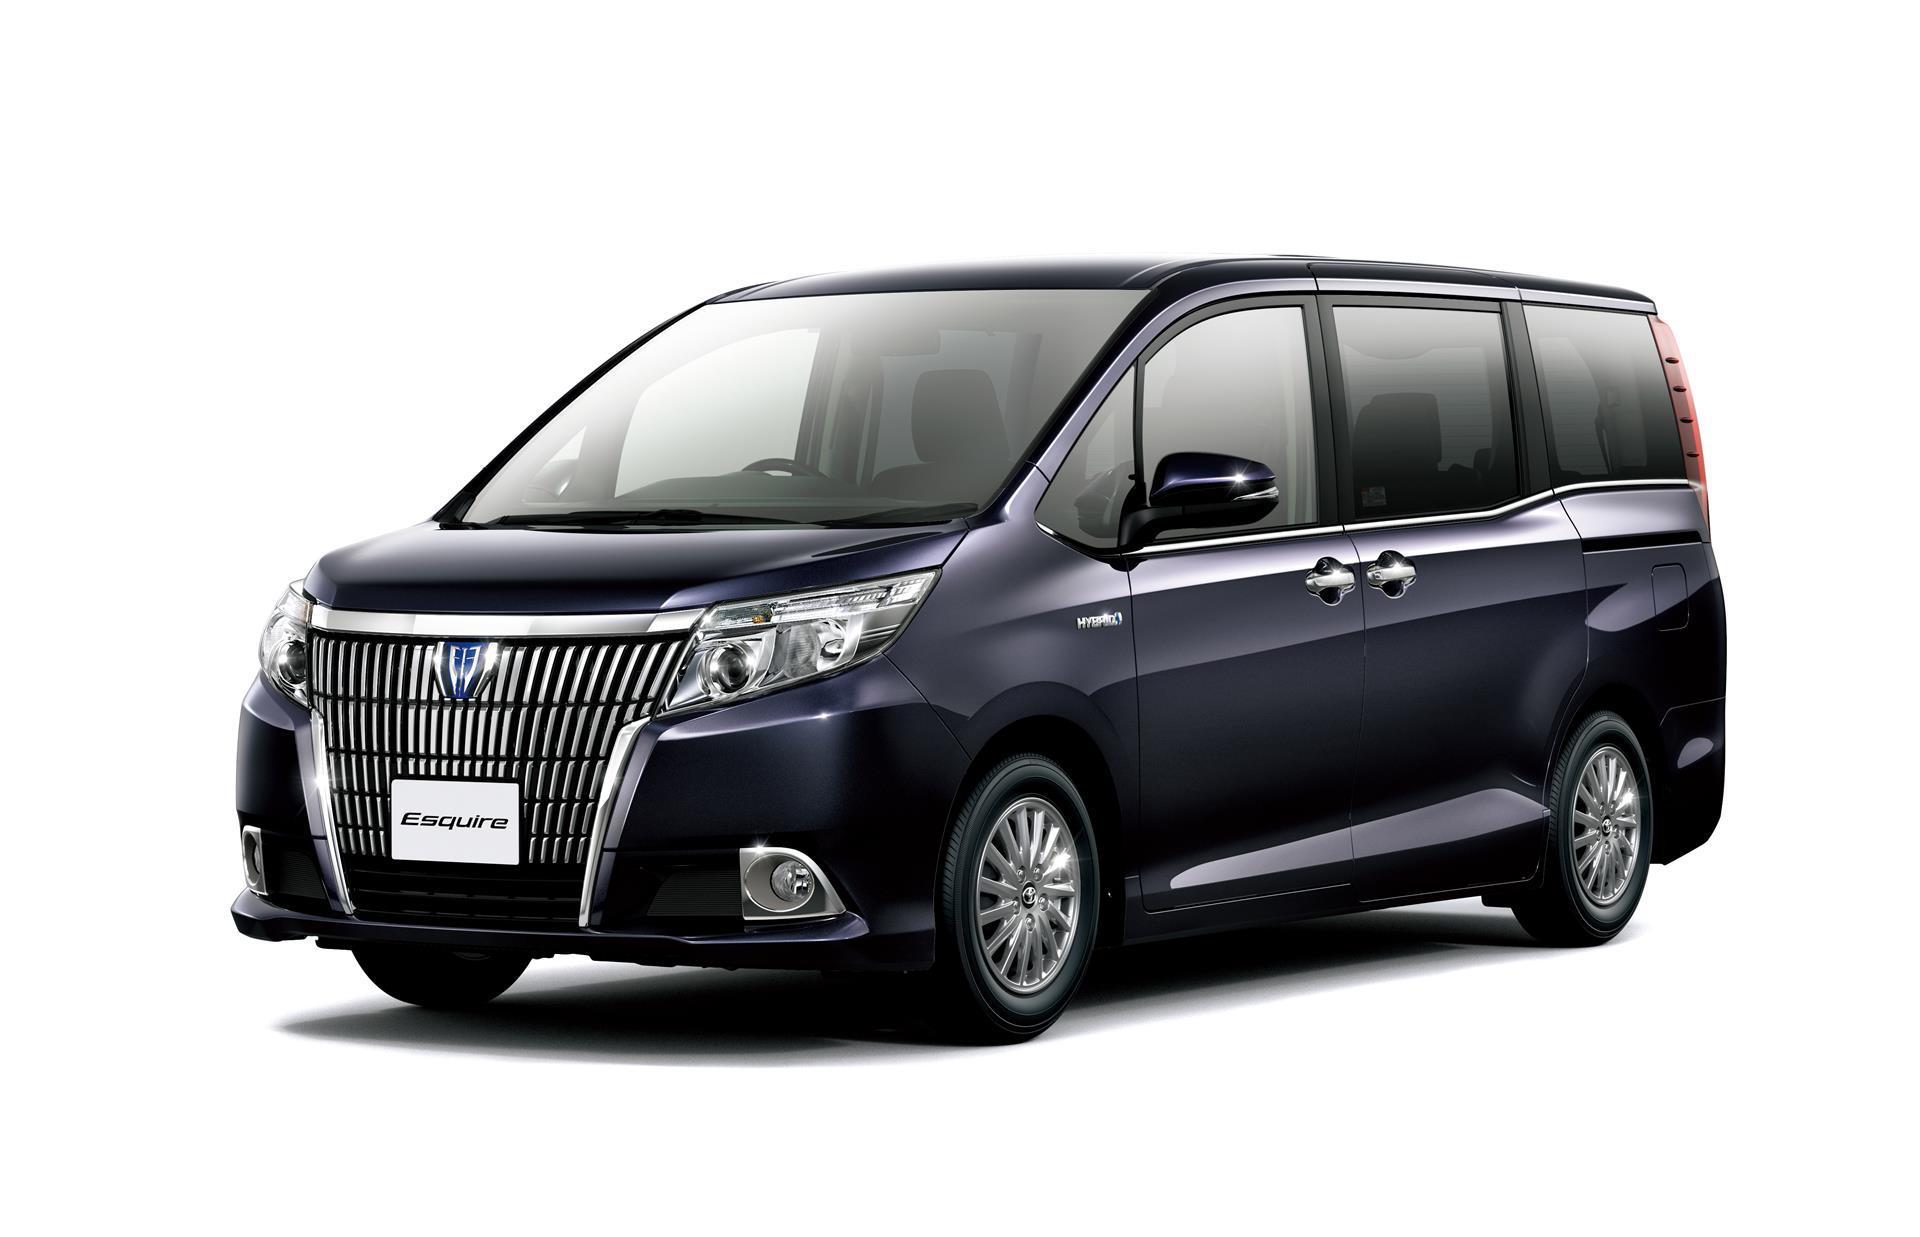 Подержанные Тойота в ... - carsguru.net